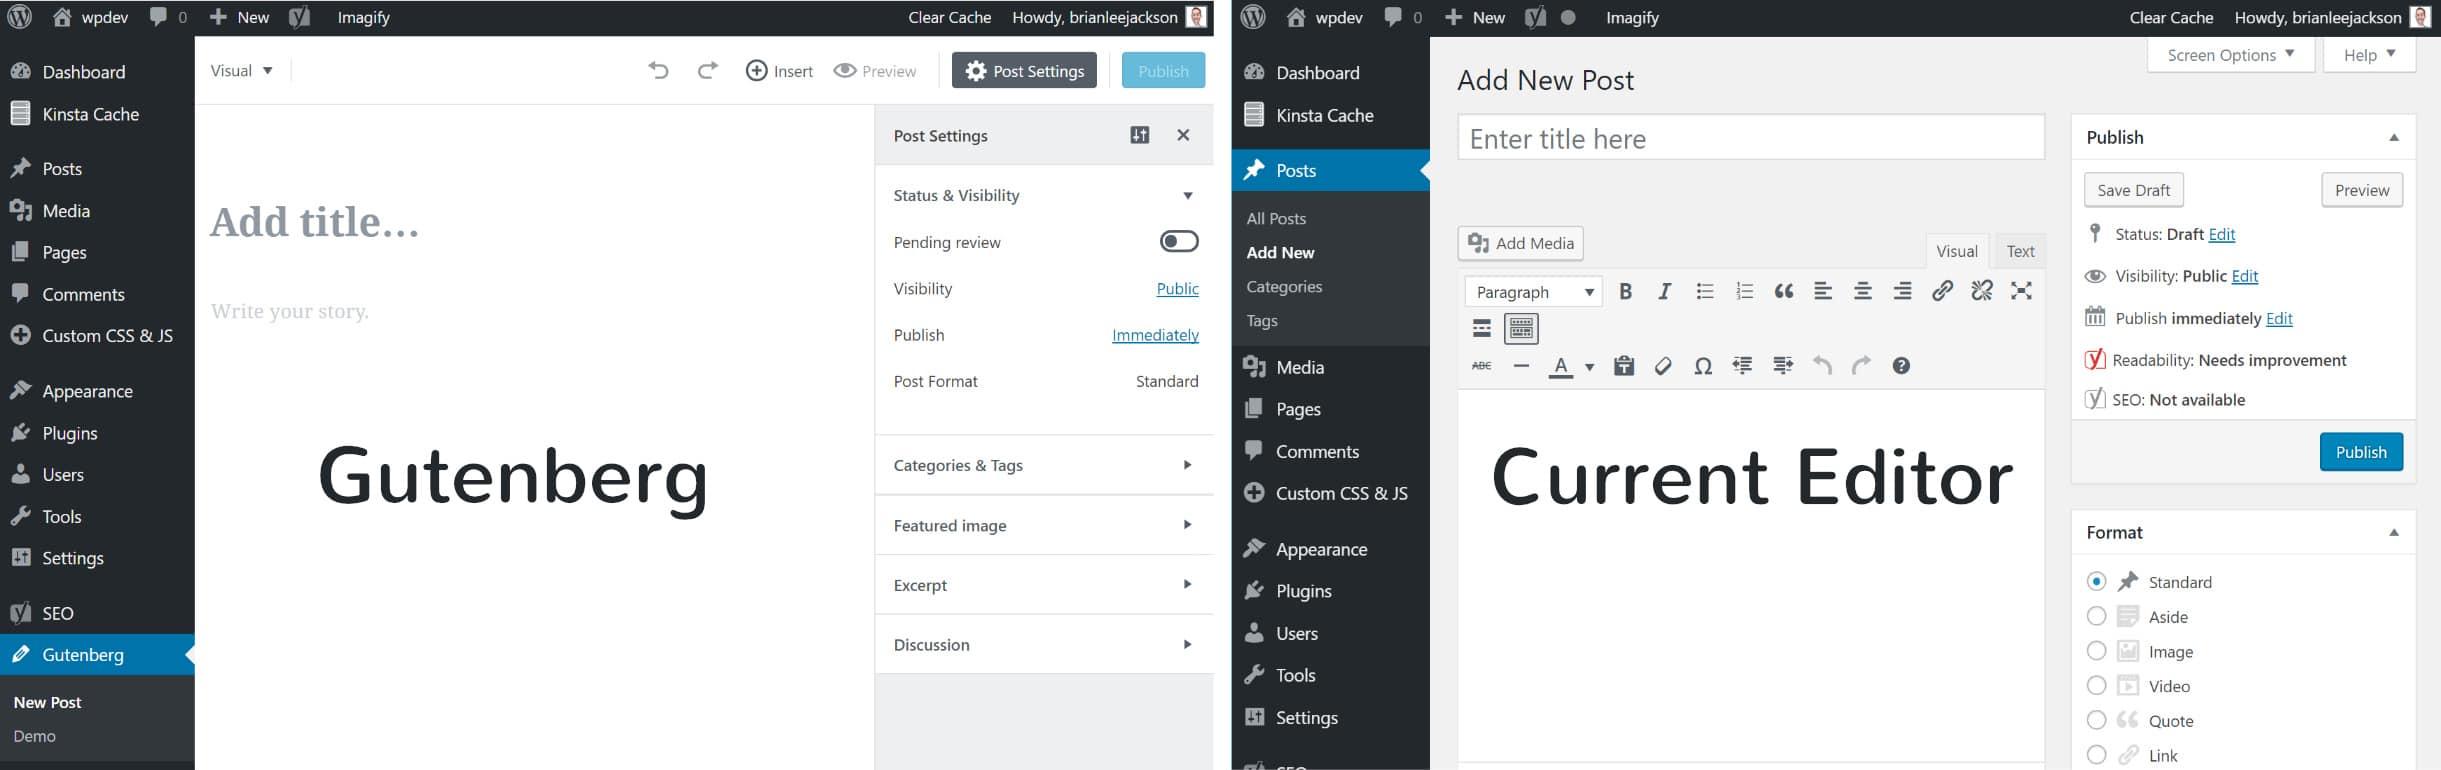 C:\Users\-_Antonio_-\Downloads\Comparación-de-Gutenberg-vs-editor-actual.jpg